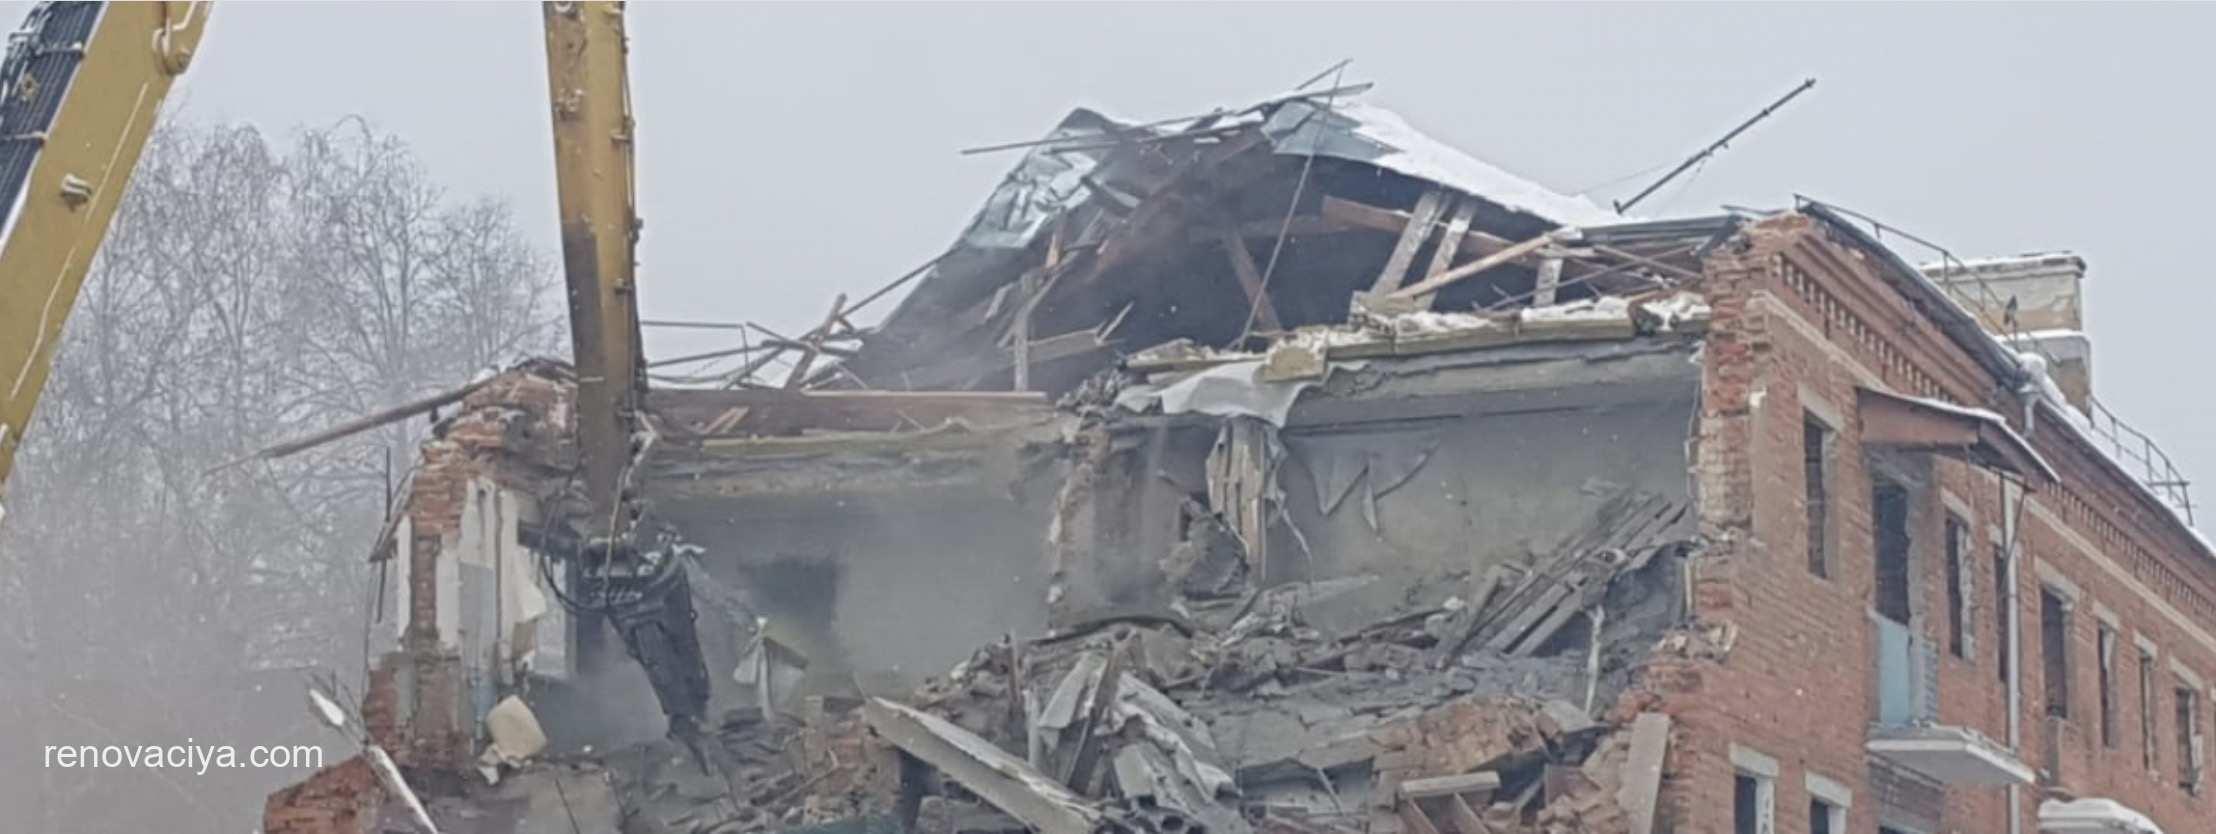 Начался снос дома в районе Южное Бутово